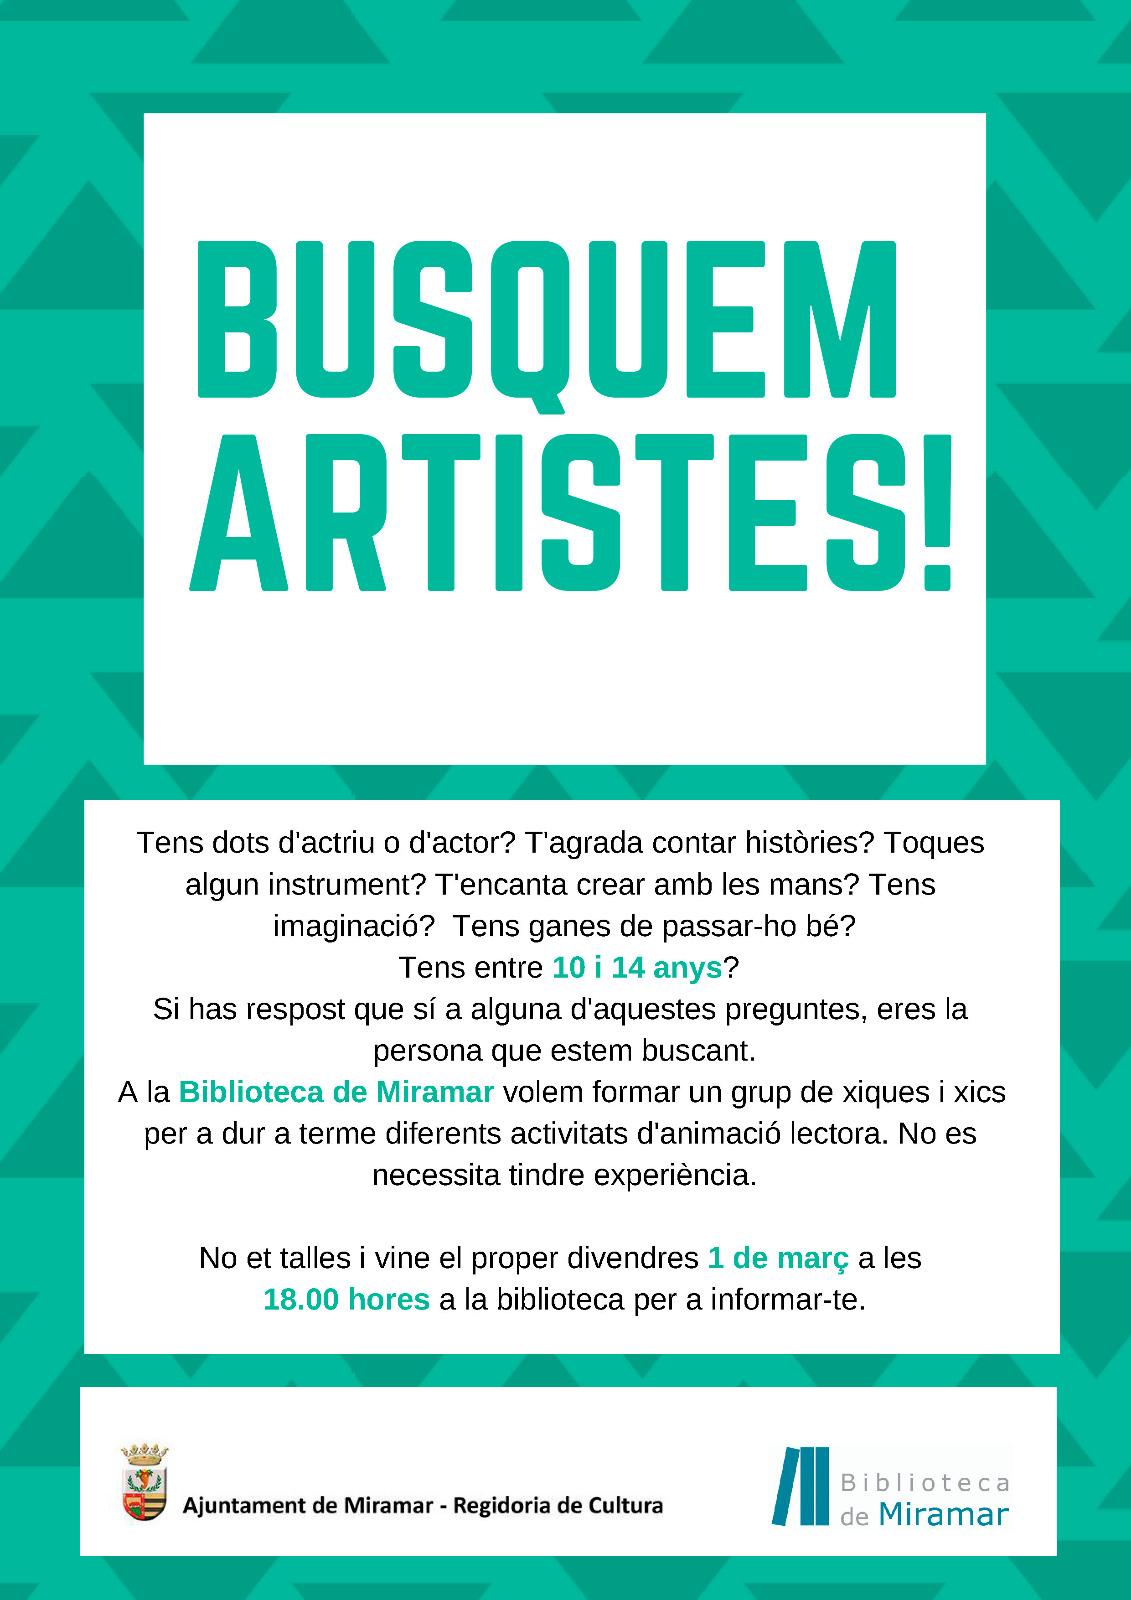 BUSQUEM ARTISTES